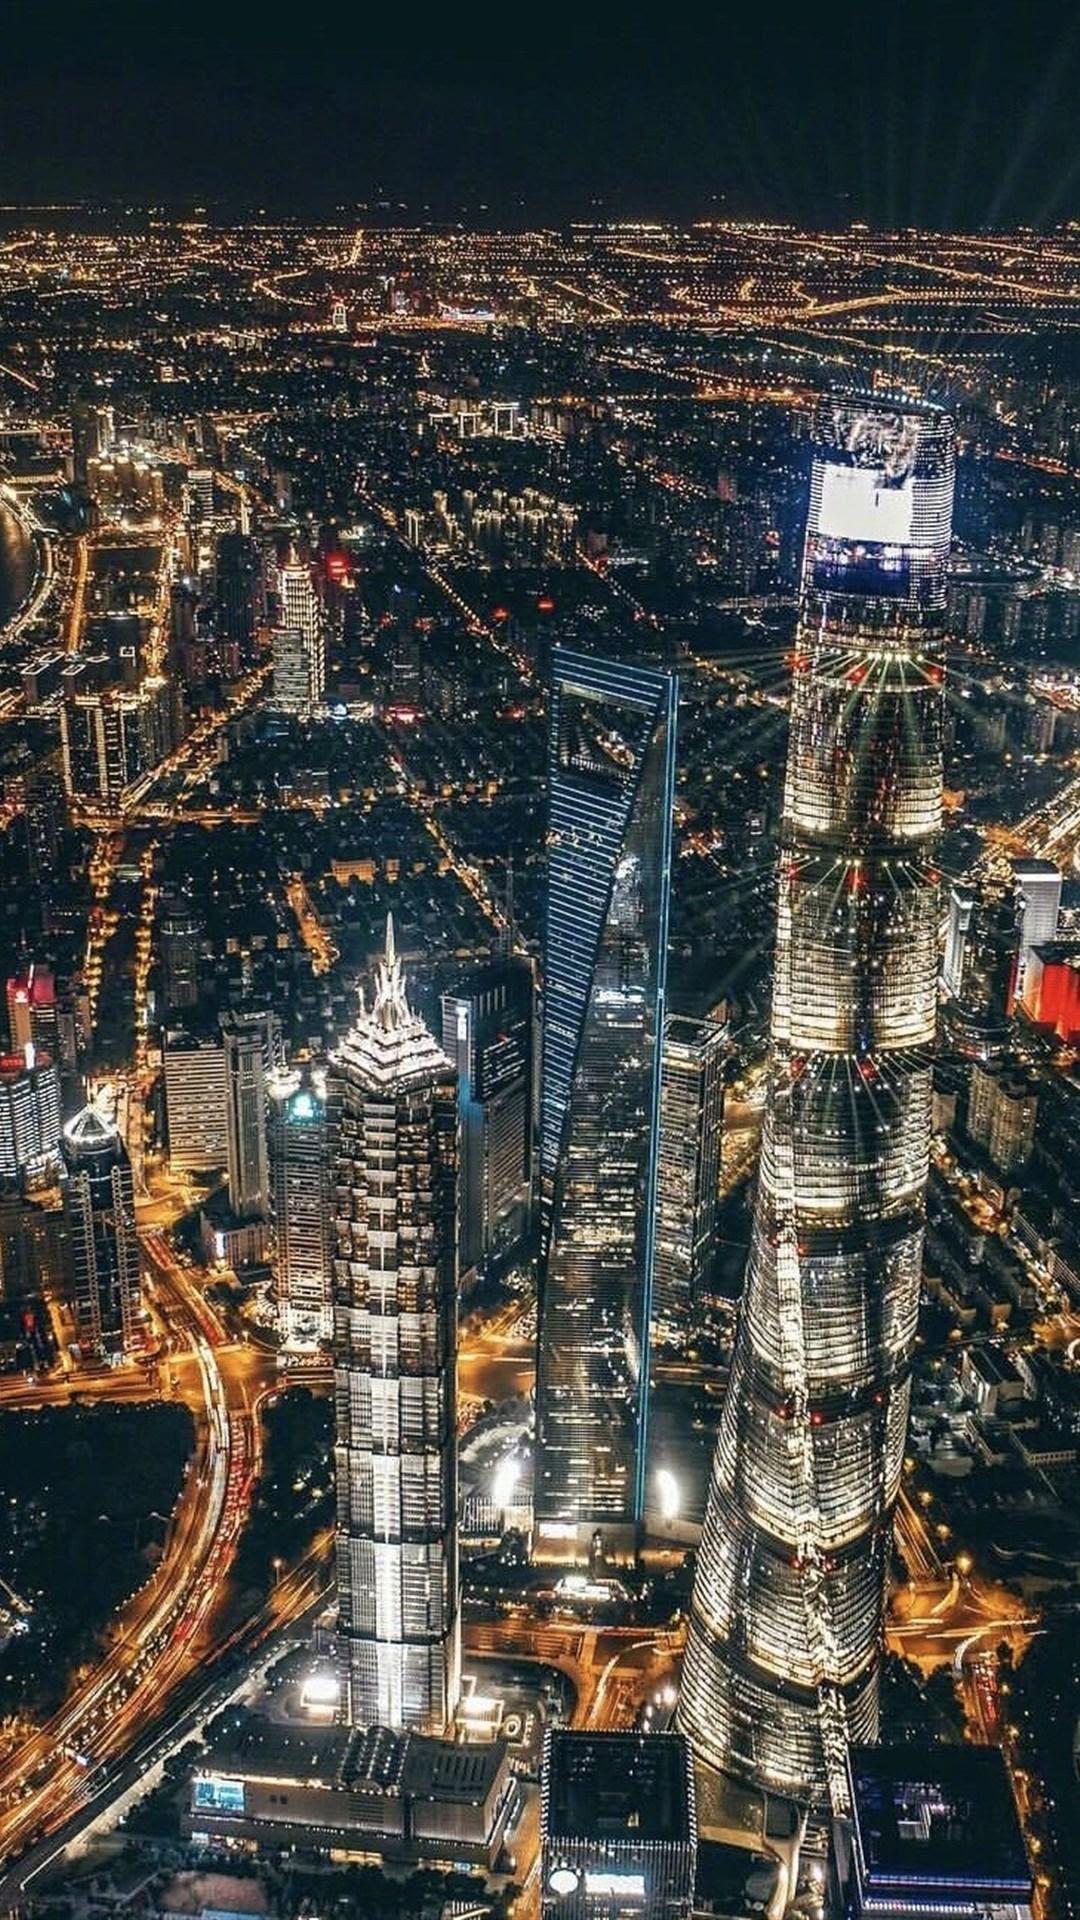 壁纸 上海夜景 壁纸 夜景 上海 新浪新闻